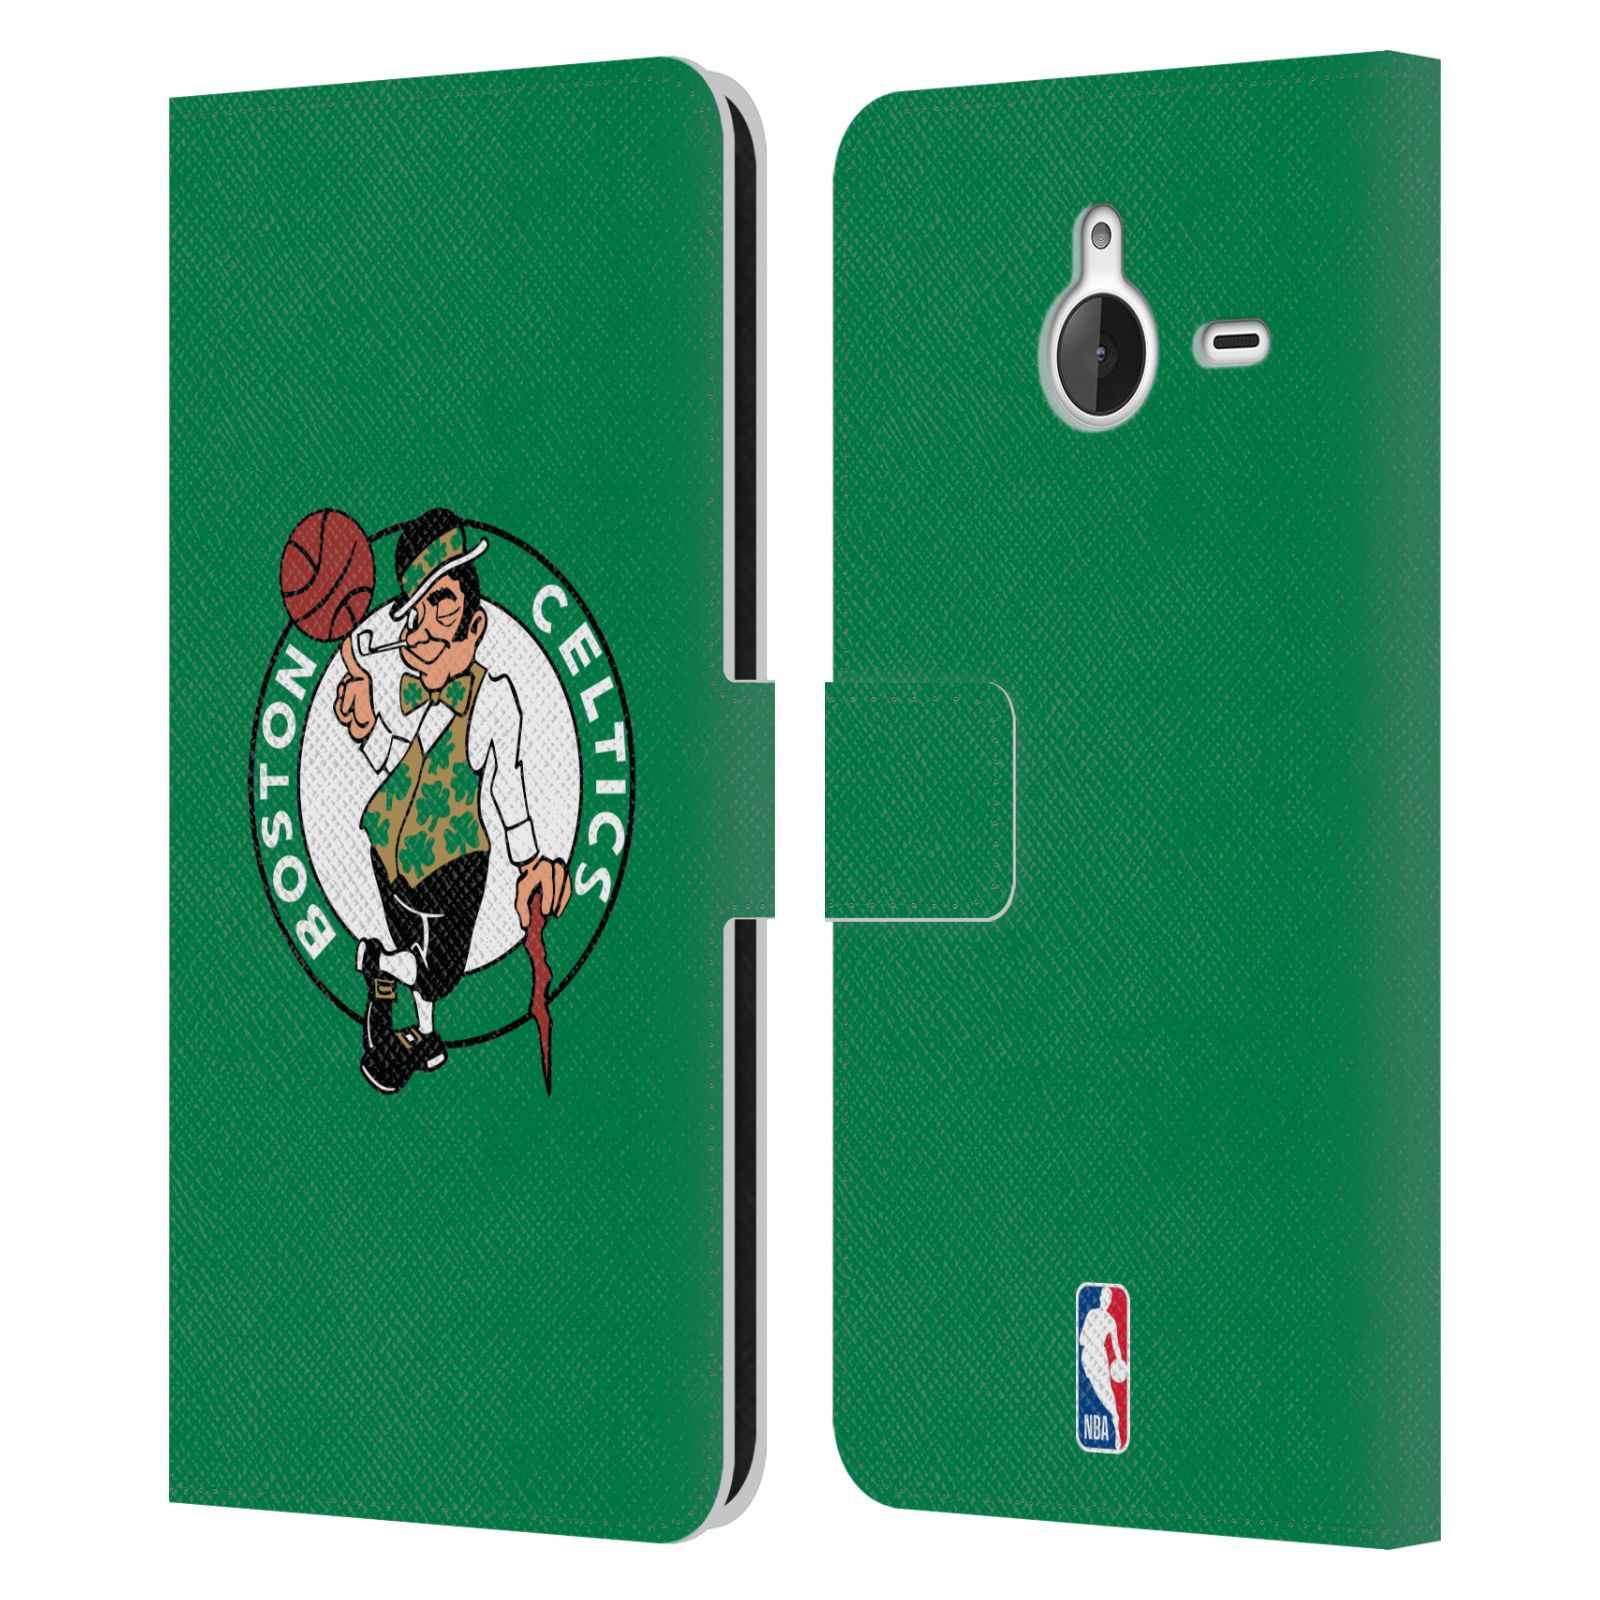 Pouzdro na mobil Nokia Lumia 640 XL - Head Case - NBA - Boston Celtics zelená barva znak